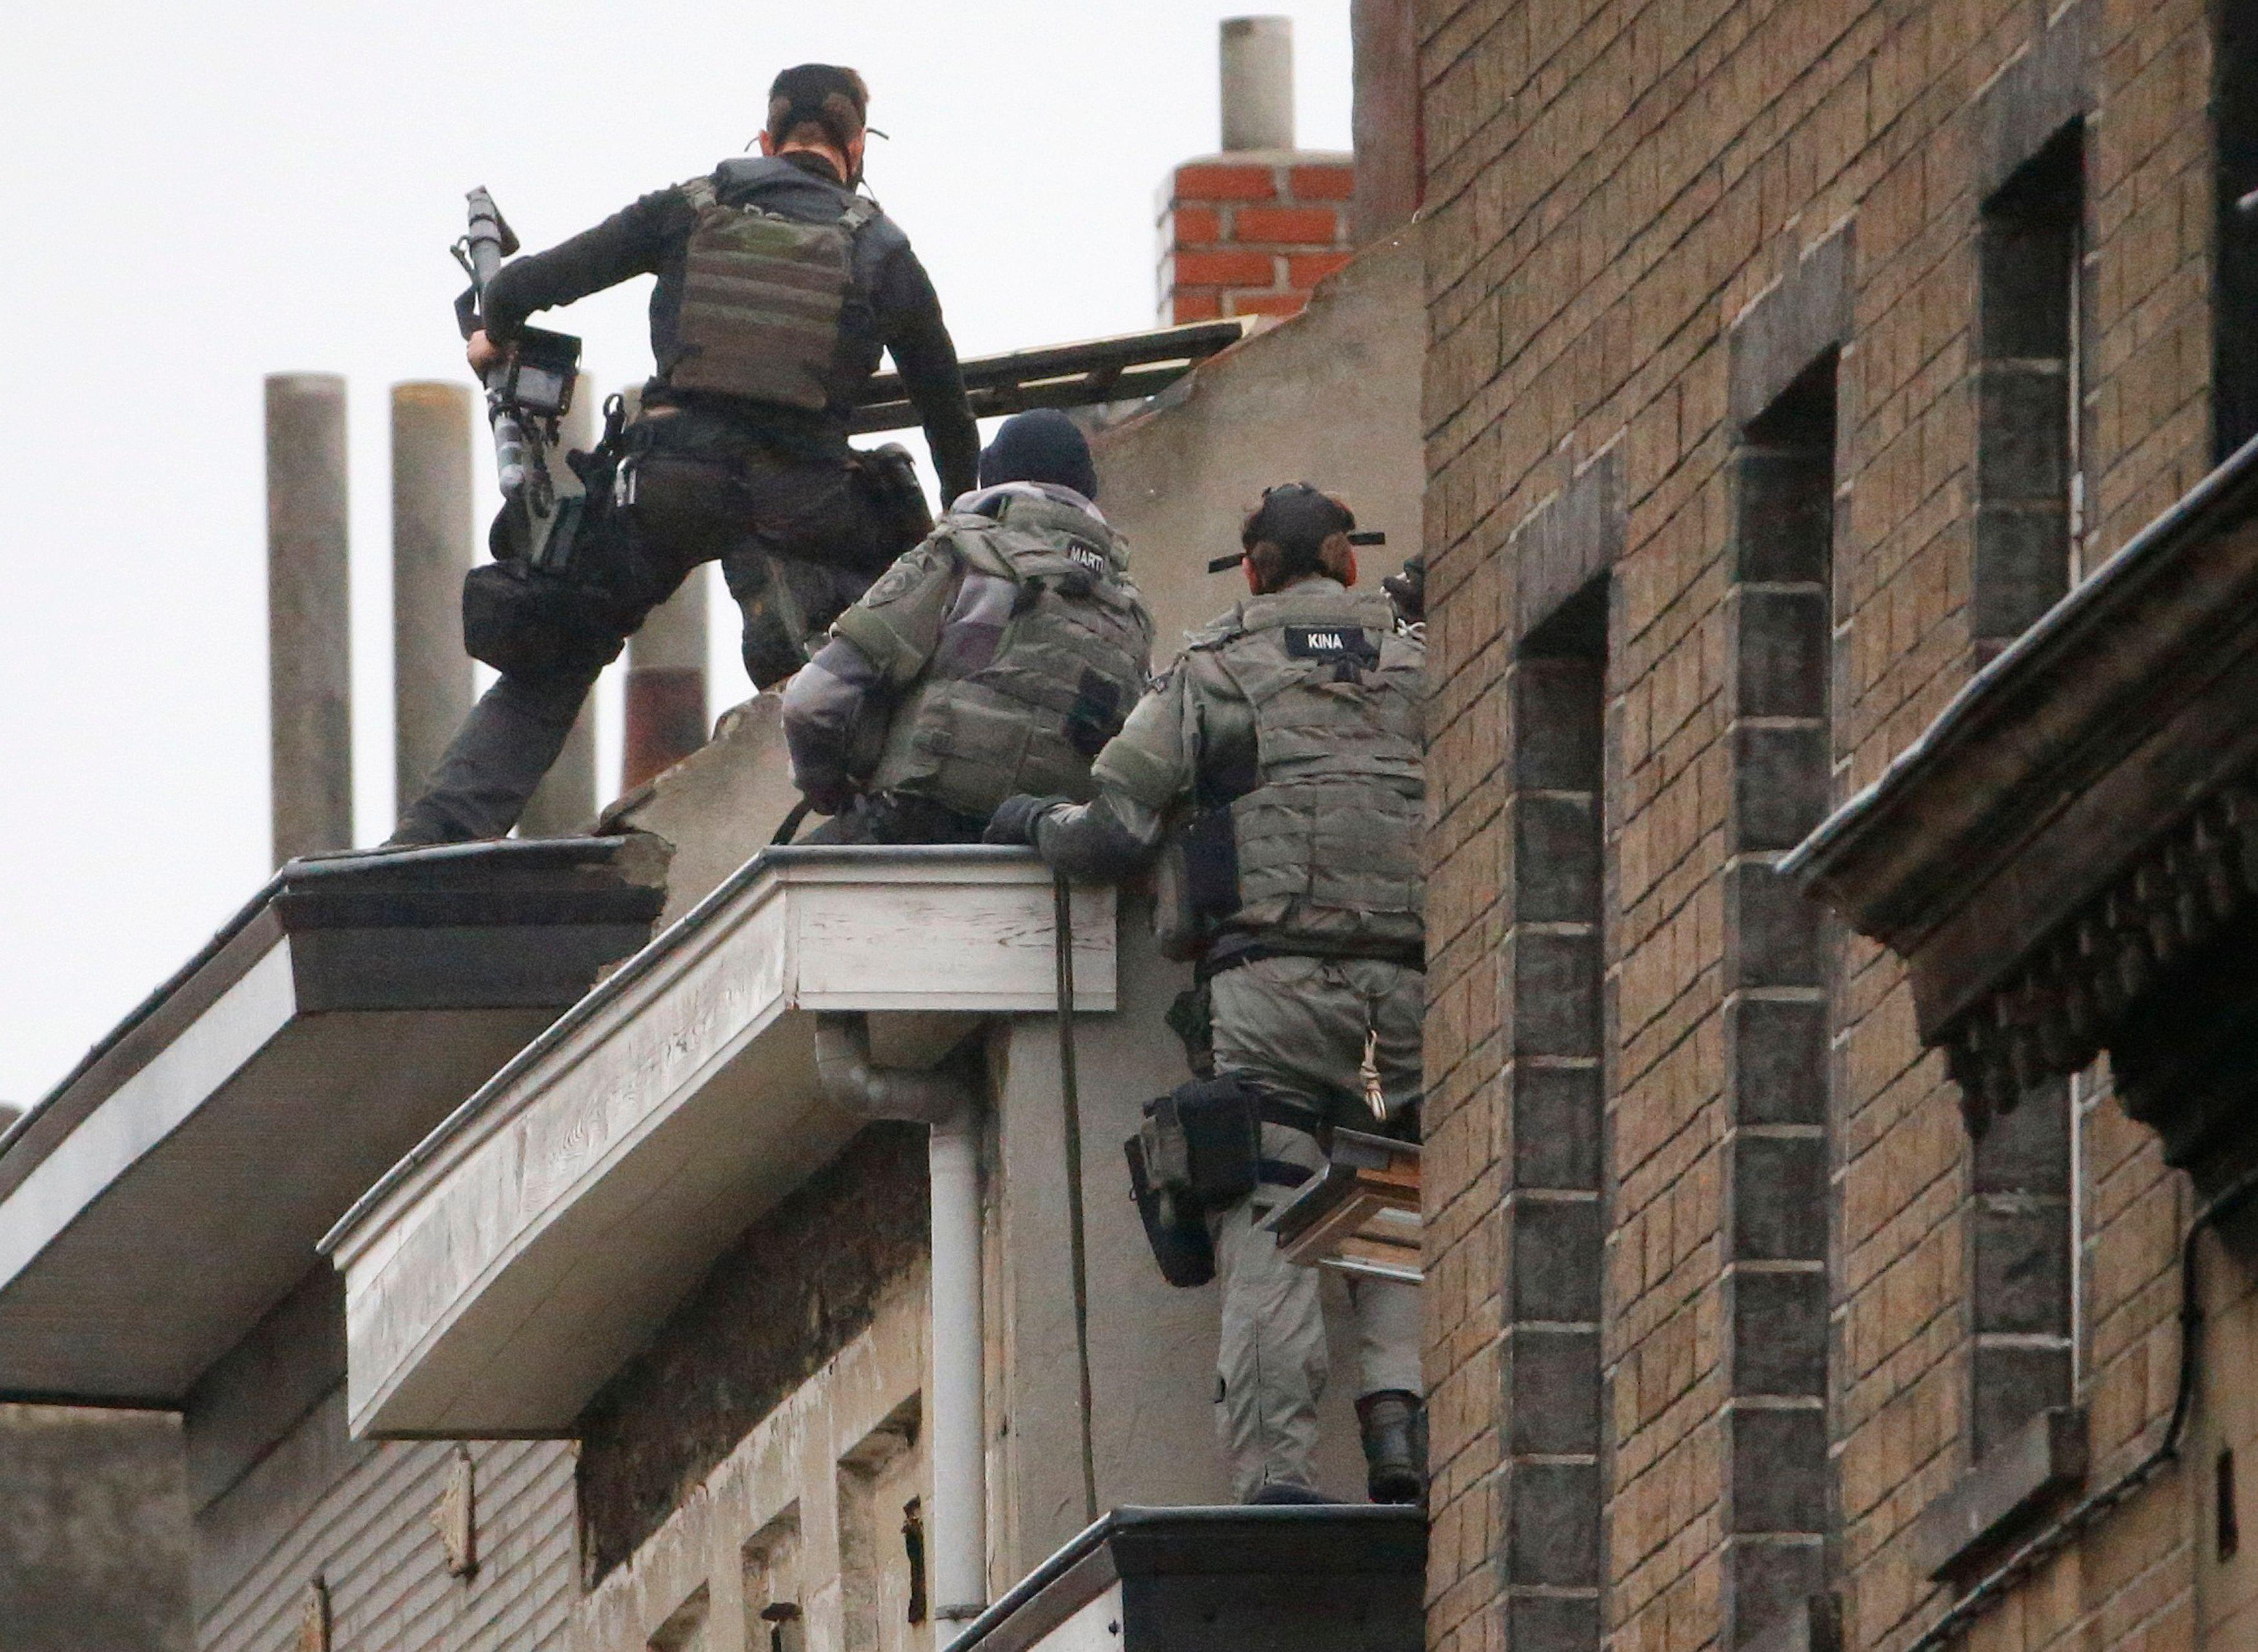 Intervention des forces de l'ordre à Molenbeek.